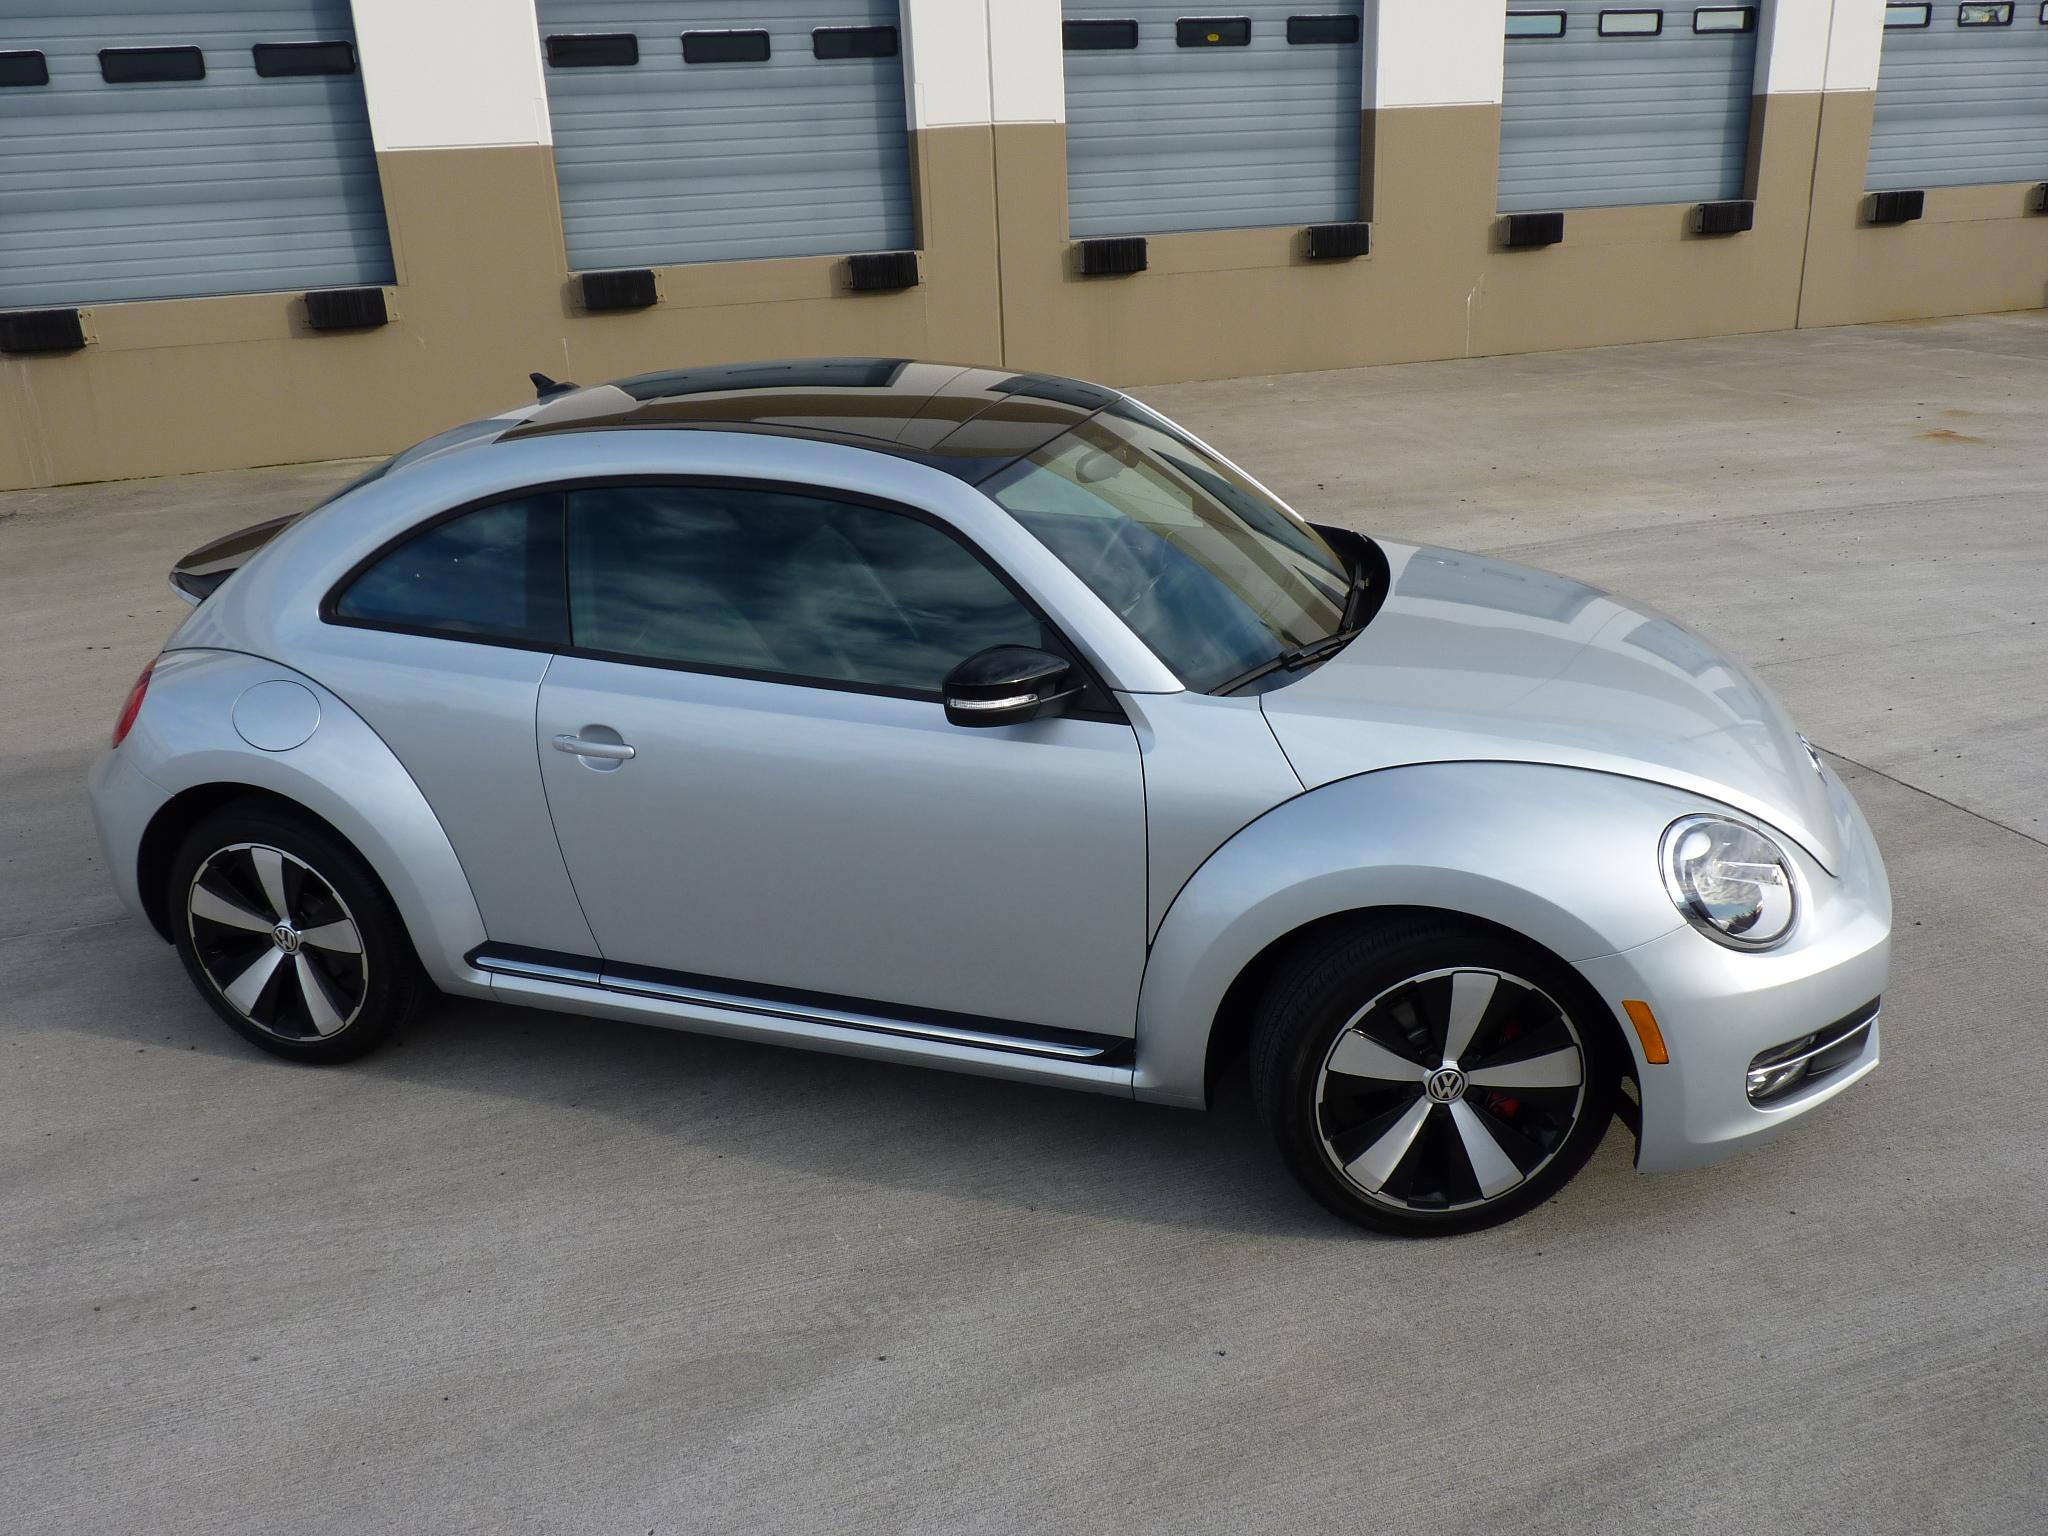 2012 Volkswagen Beetle Turbo: Driven